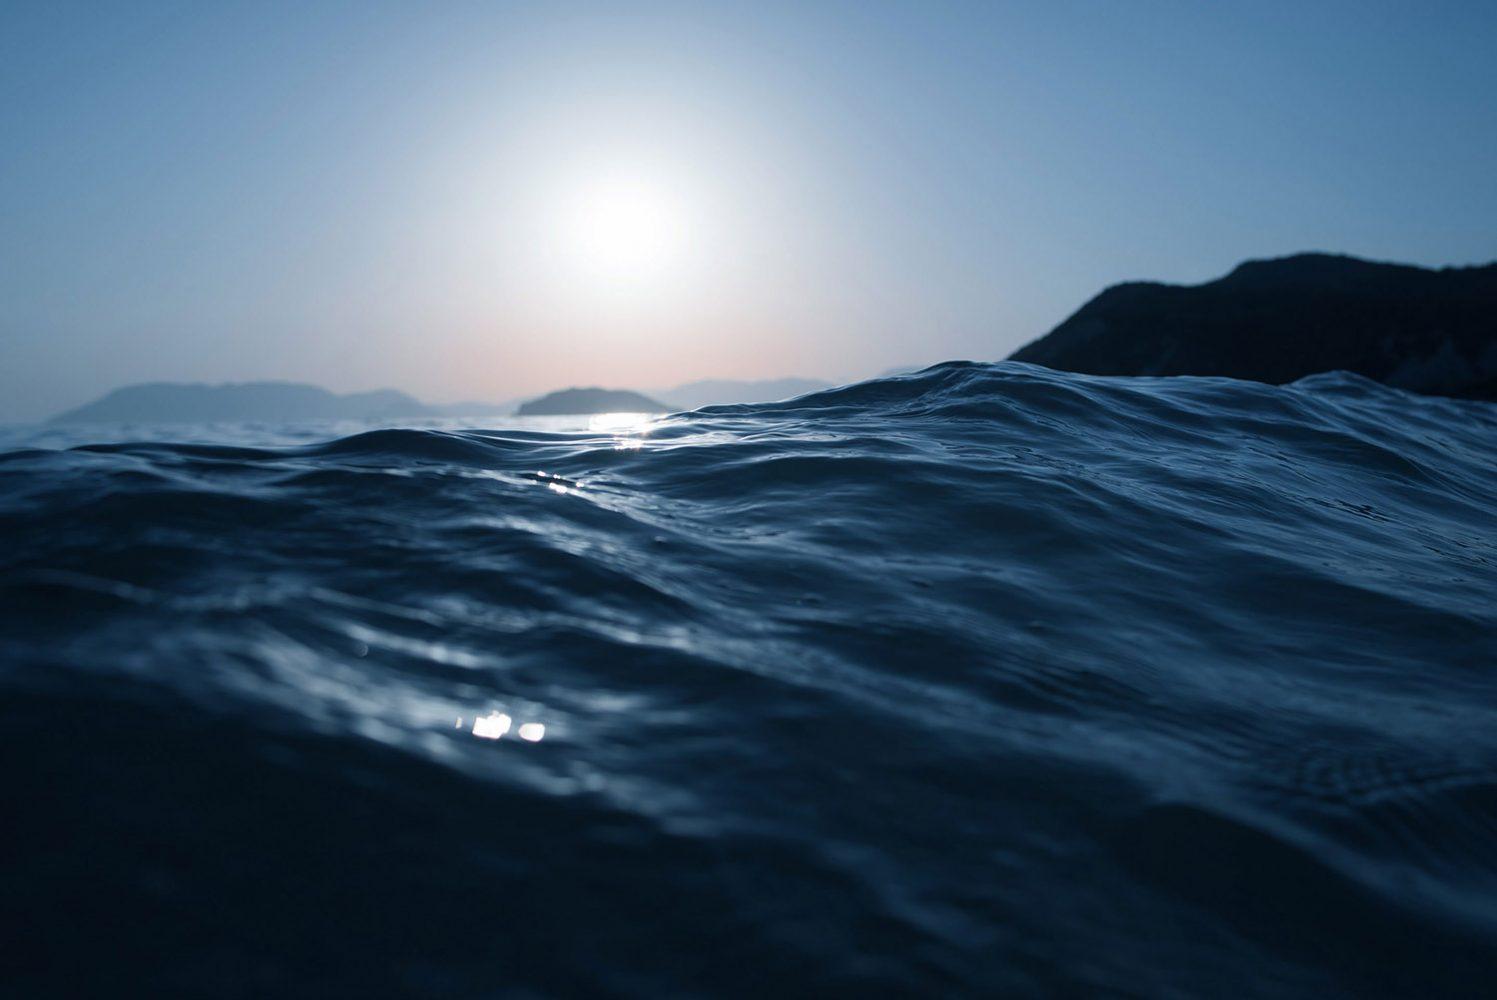 böljande blå vågor